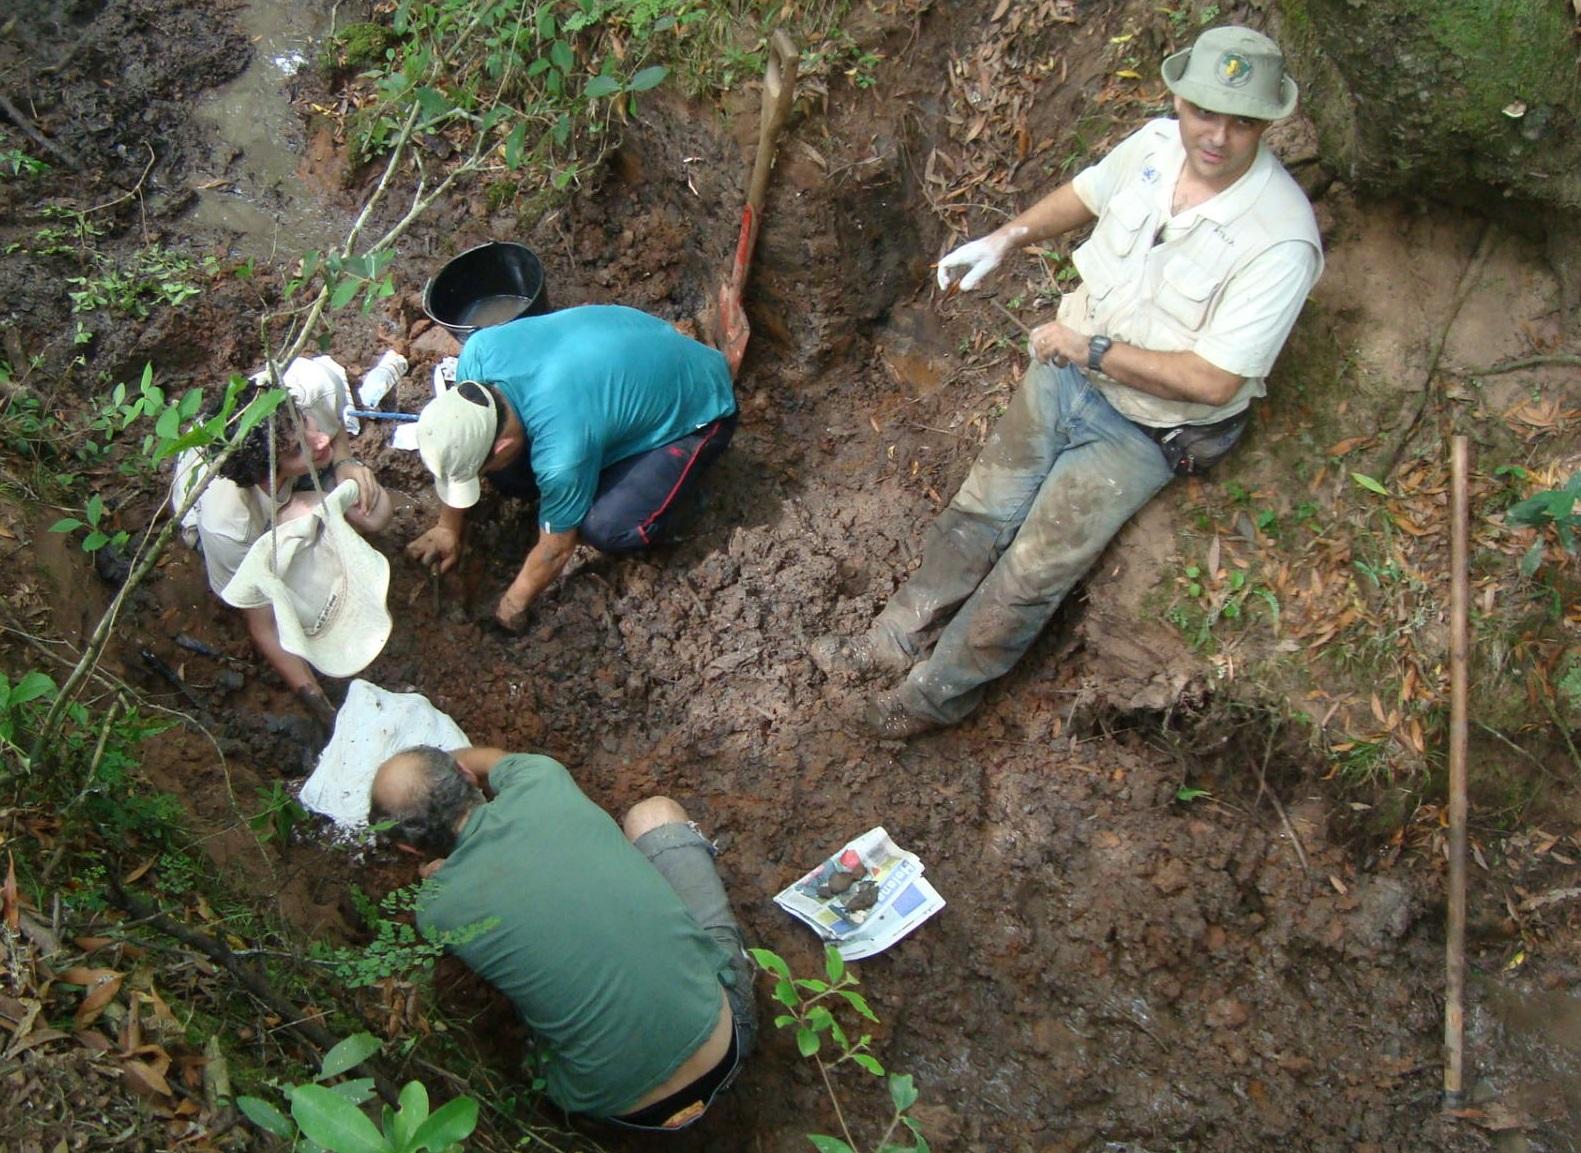 Imagem de escavação, com pesquisadores agachados, retirando fóssil, e outro em pé apontando local da descoberta